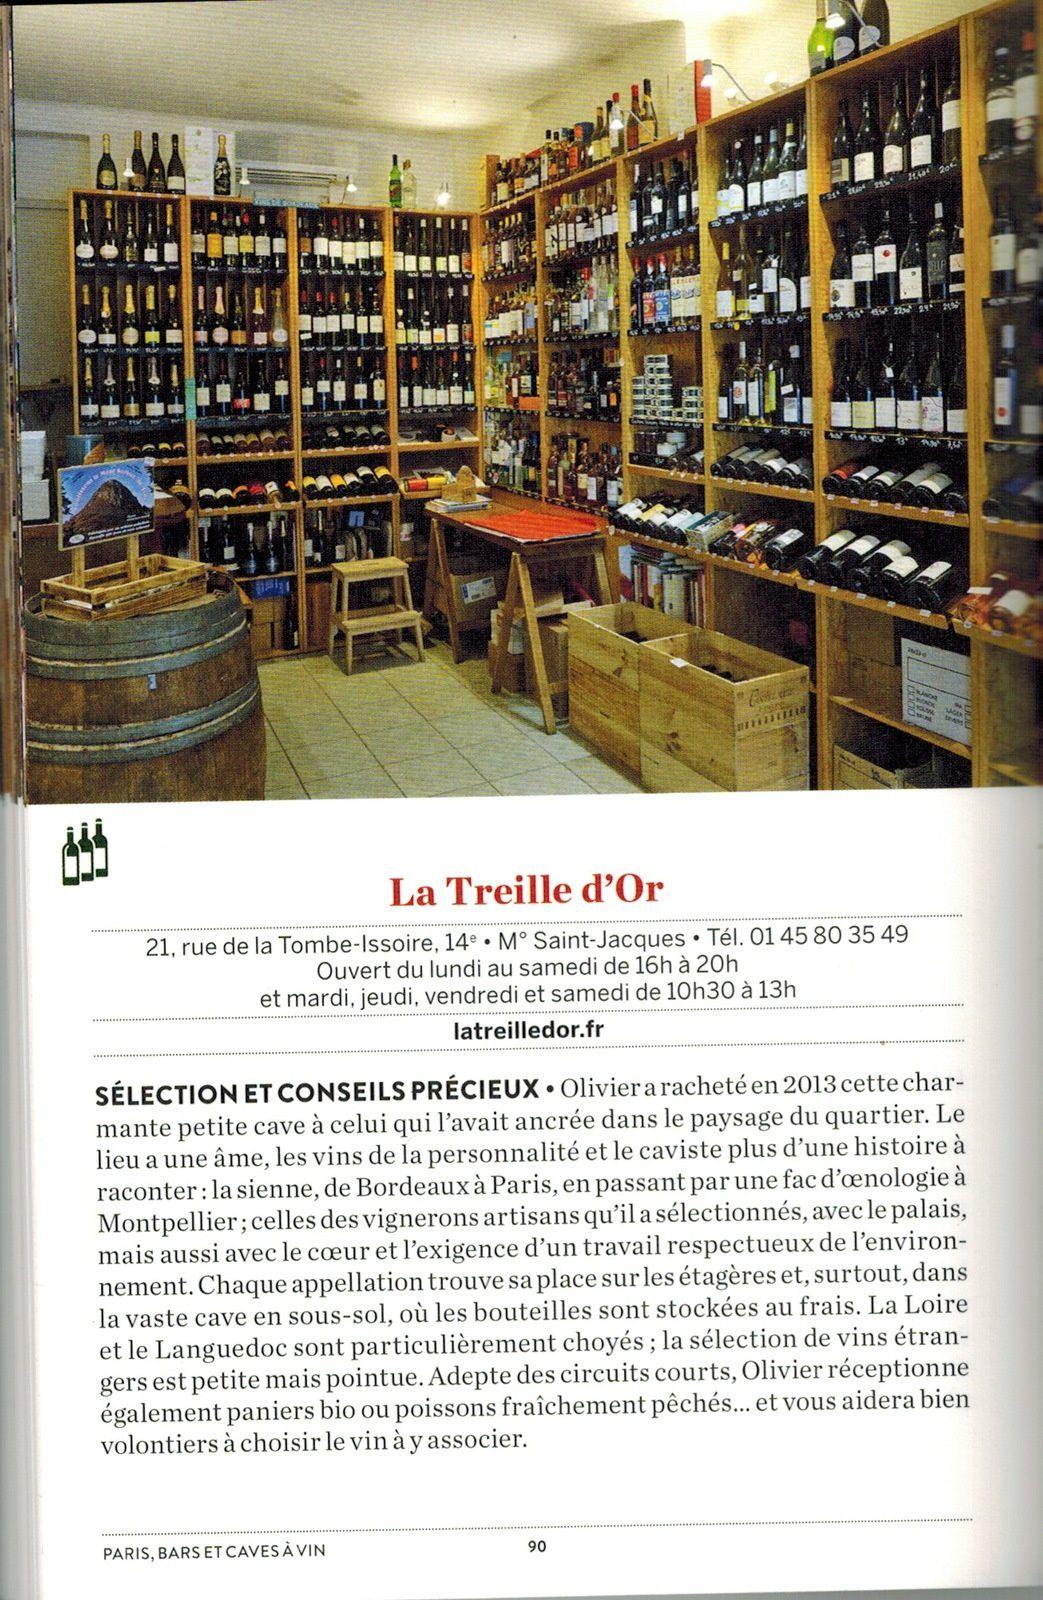 Page 90, Paris bars et caves à vins, 100 lieux pour découvrir et déguster les meilleurs crus, de Christine Bokobza, éditions Parigramme, 11 avril 2019.